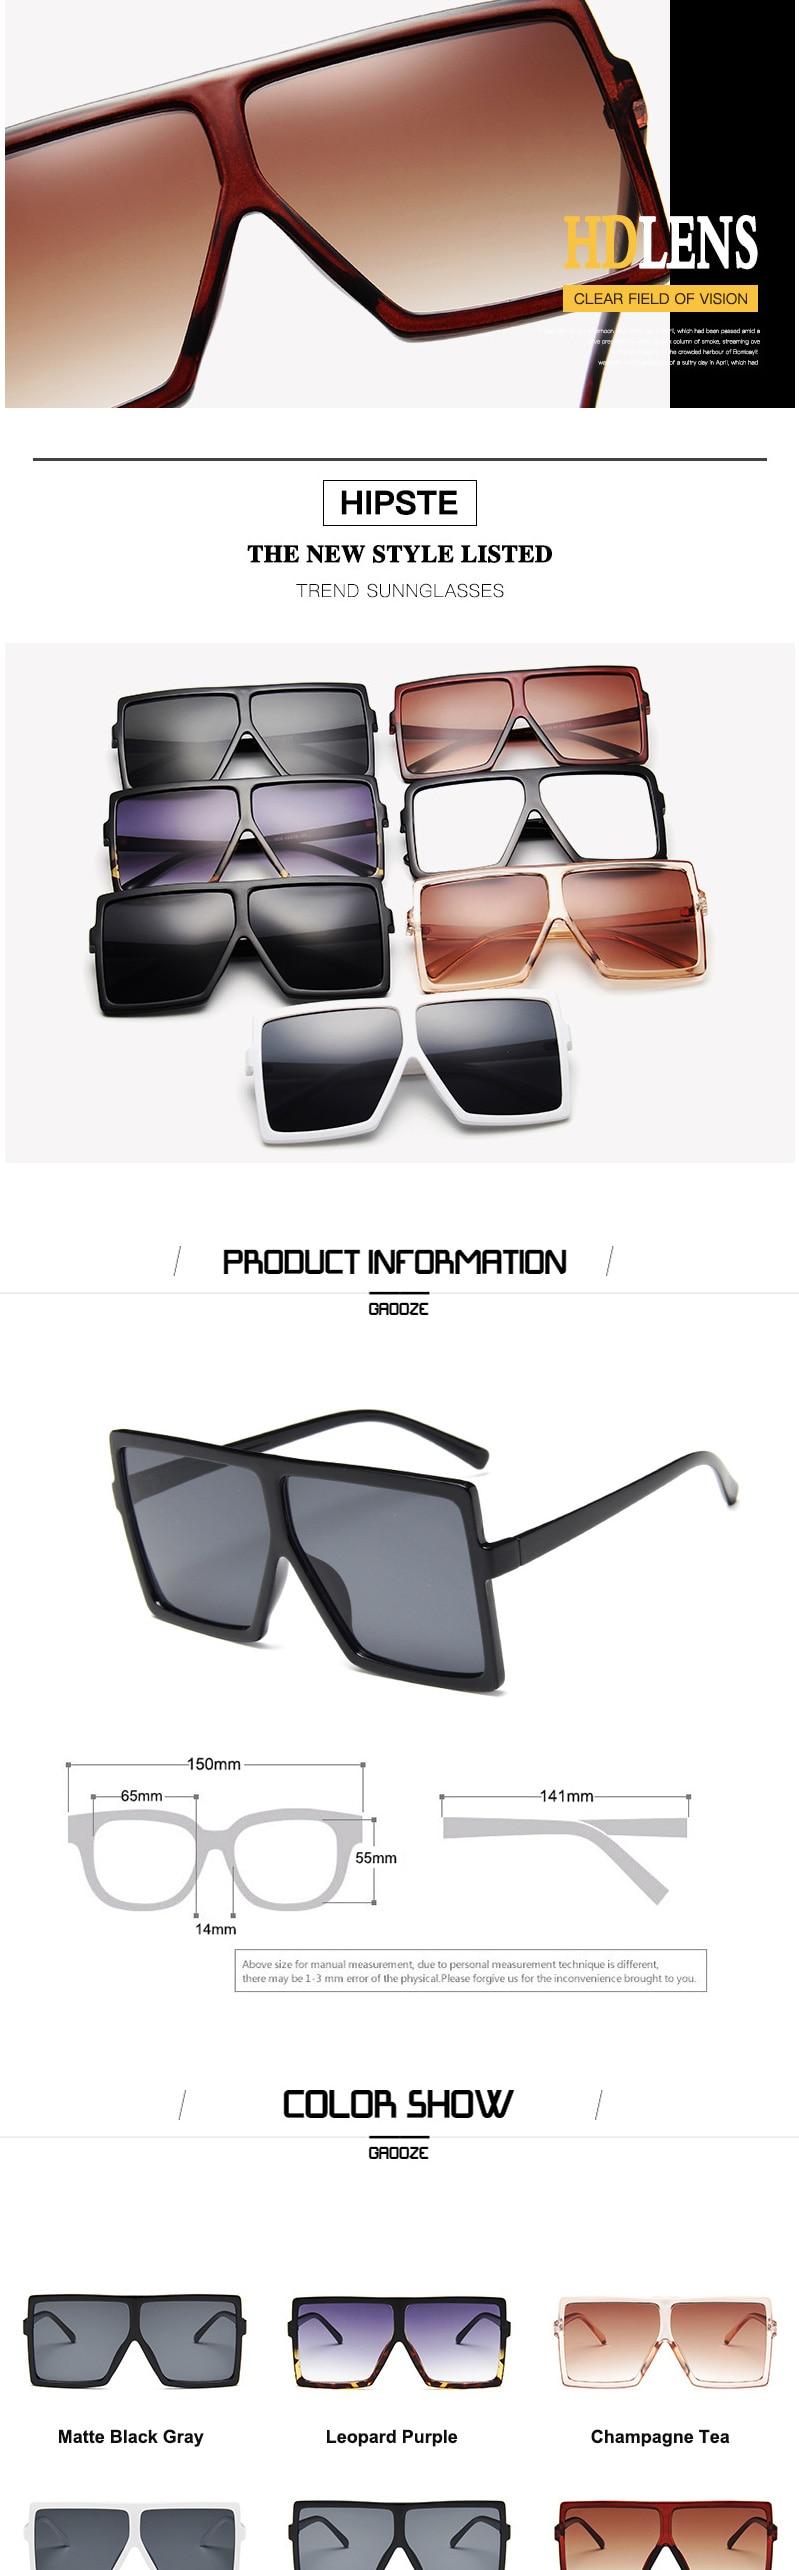 复古太阳眼镜_欧美大框太阳眼镜跨境热销街拍潮流方框金属铰链眼镜5705---阿里巴巴_02